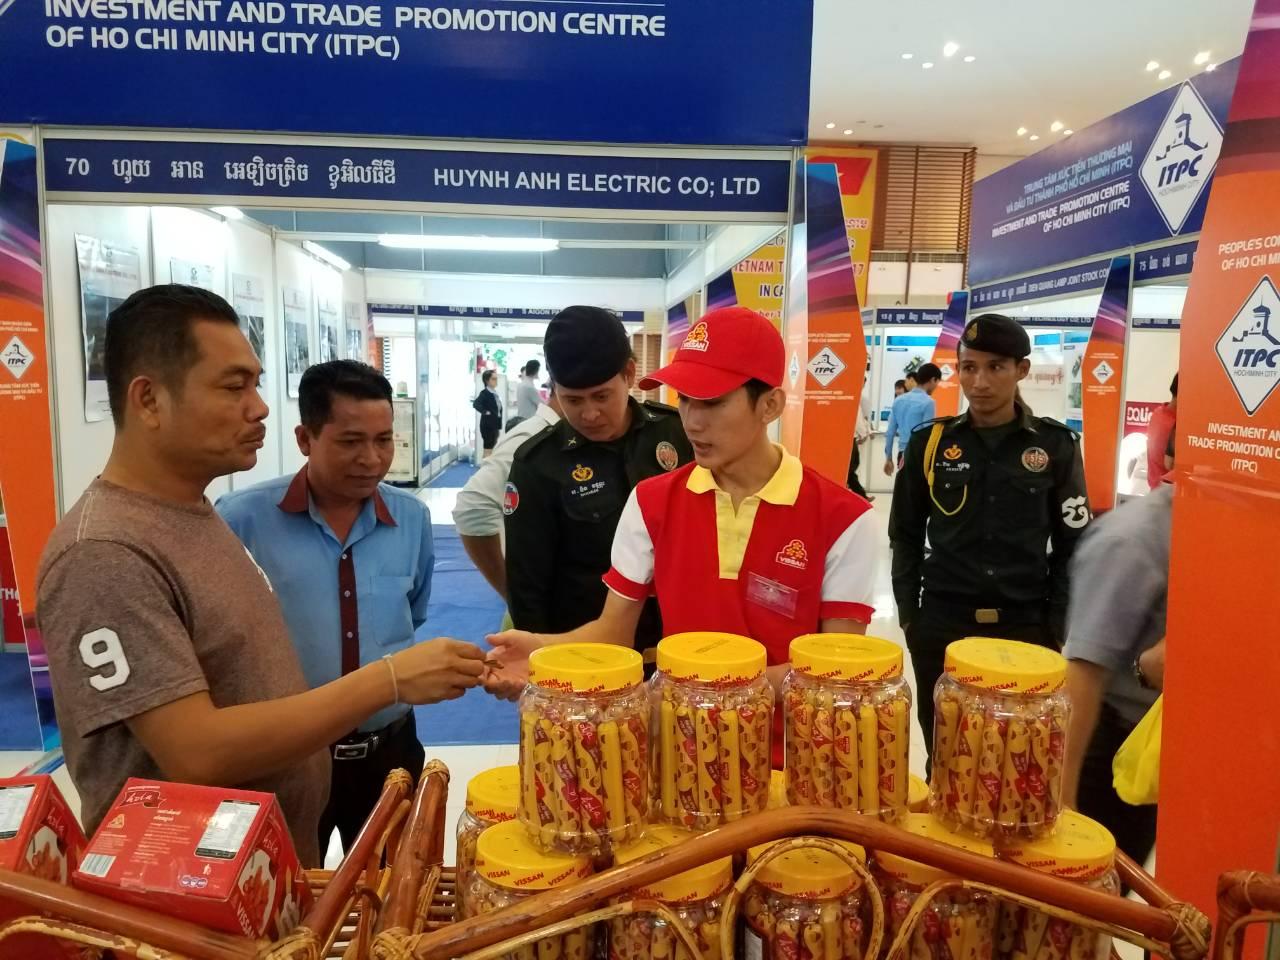 Chính phủ ban hành Biểu thuế nhập khẩu ưu đãi đặc biệt Việt Nam - Campuchia